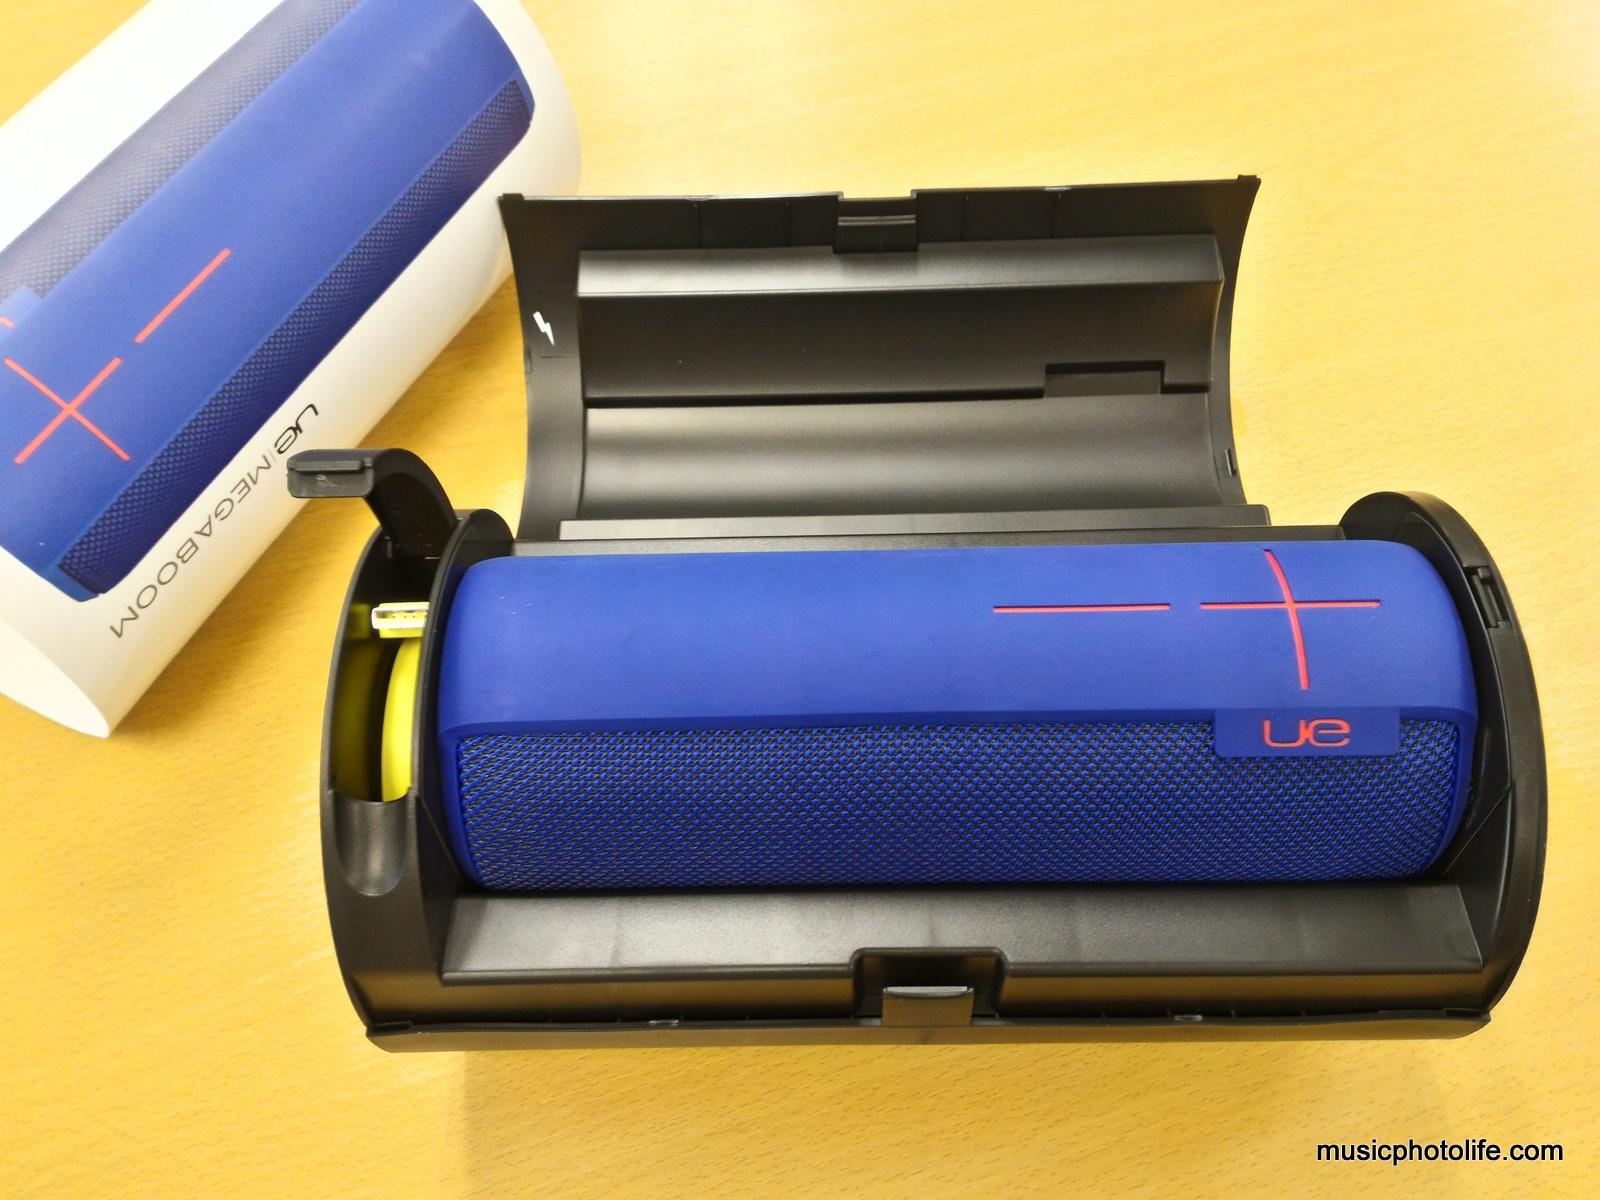 UE MEGABOOM Waterproof Wireless Speaker Review